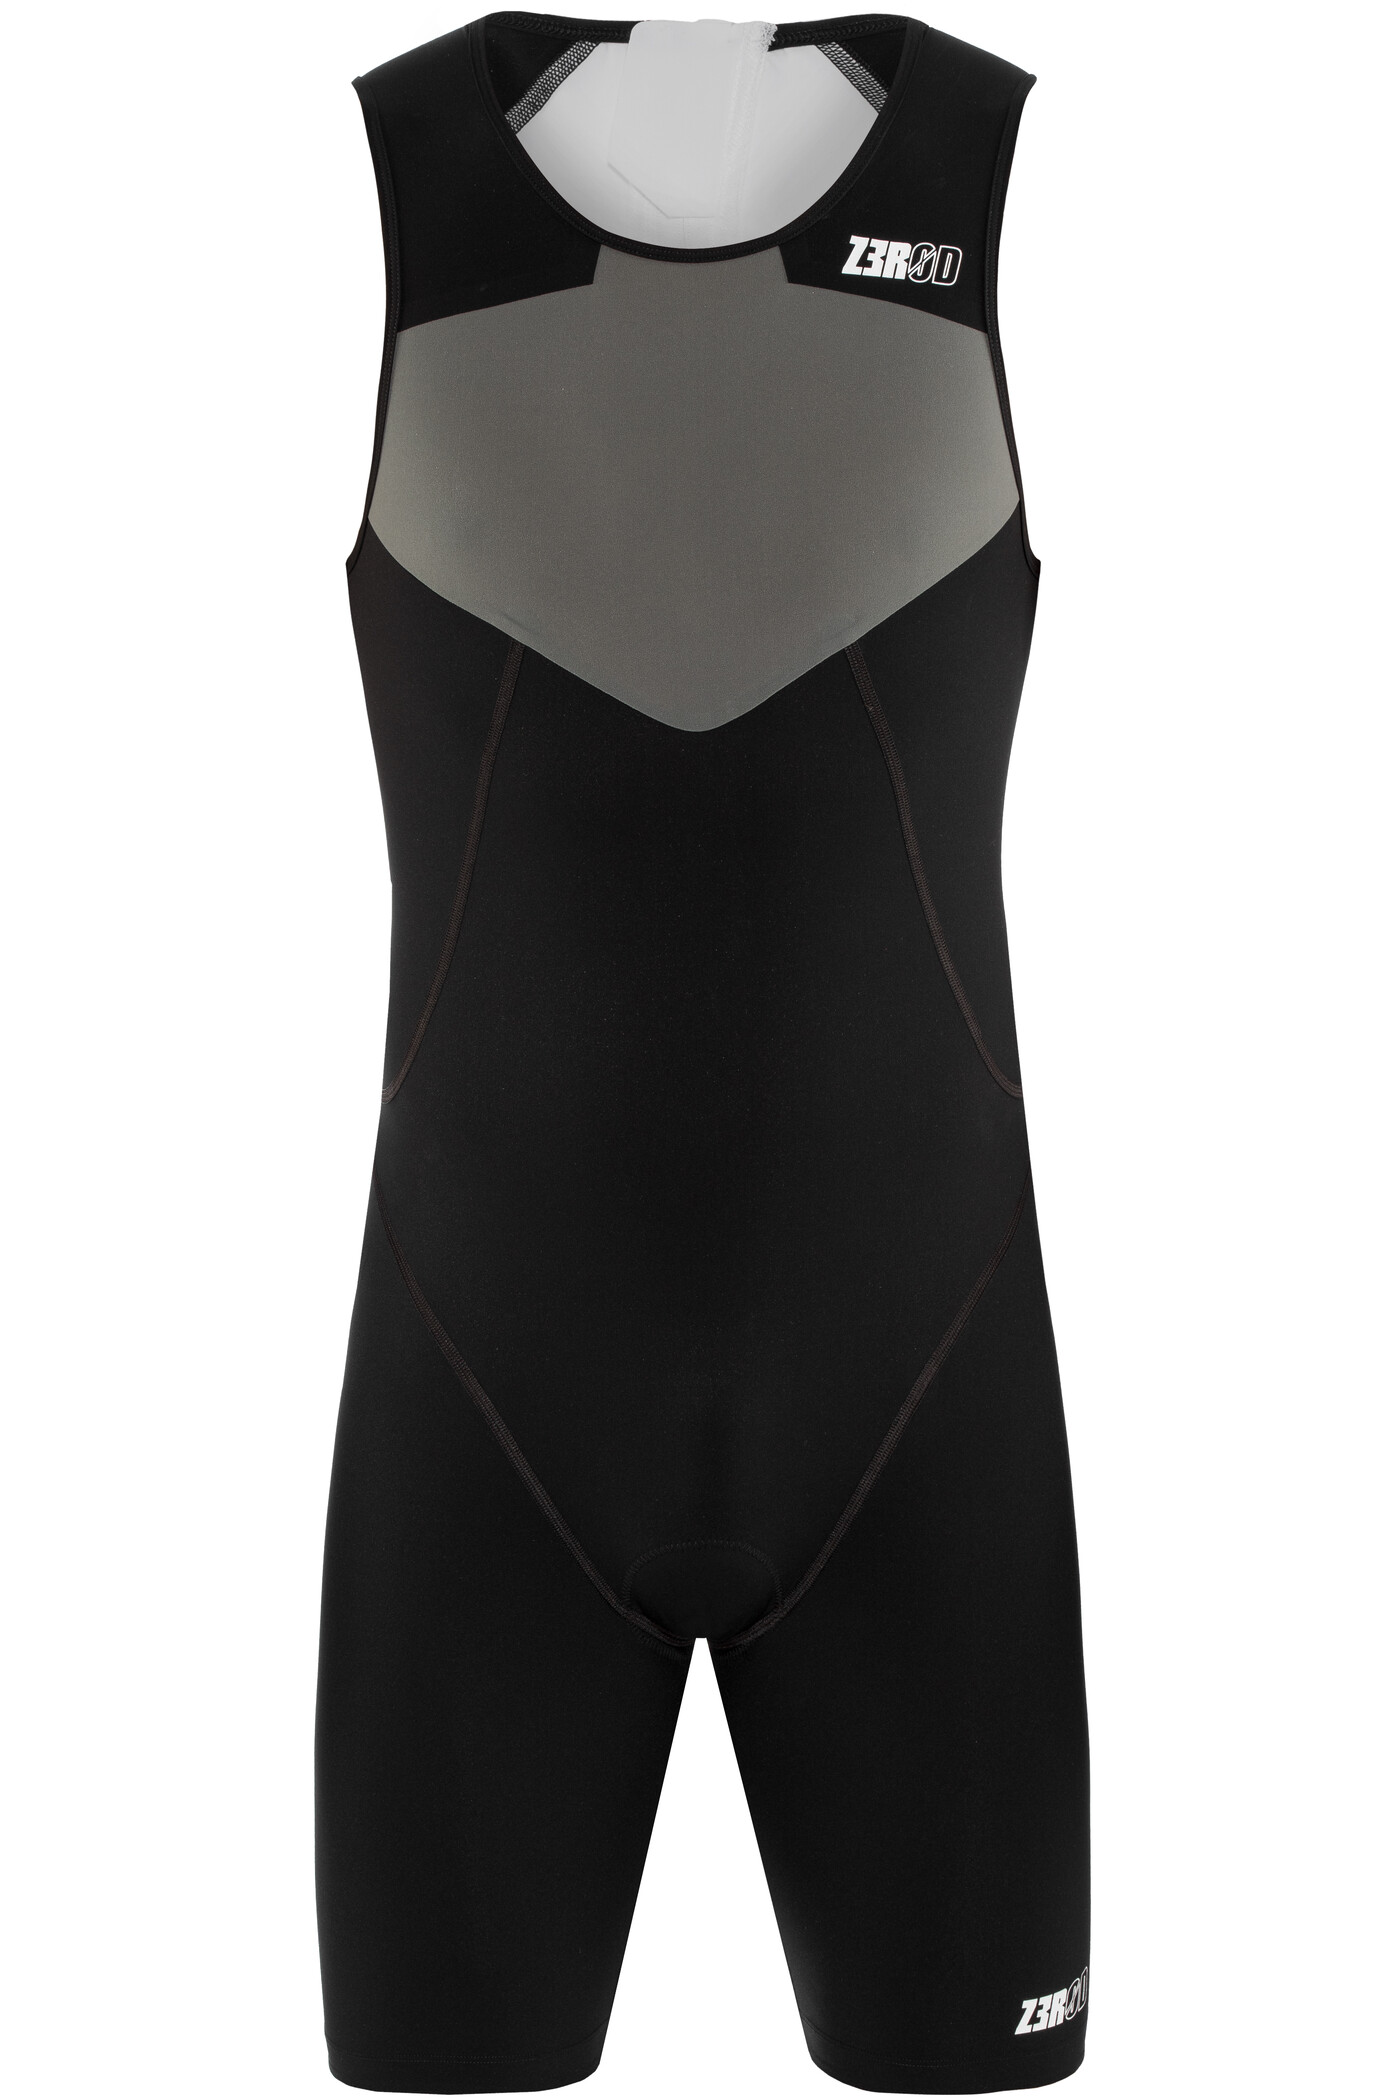 Z3R0D Elite Triatlondragt Herrer, black series | Svømmetøj og udstyr